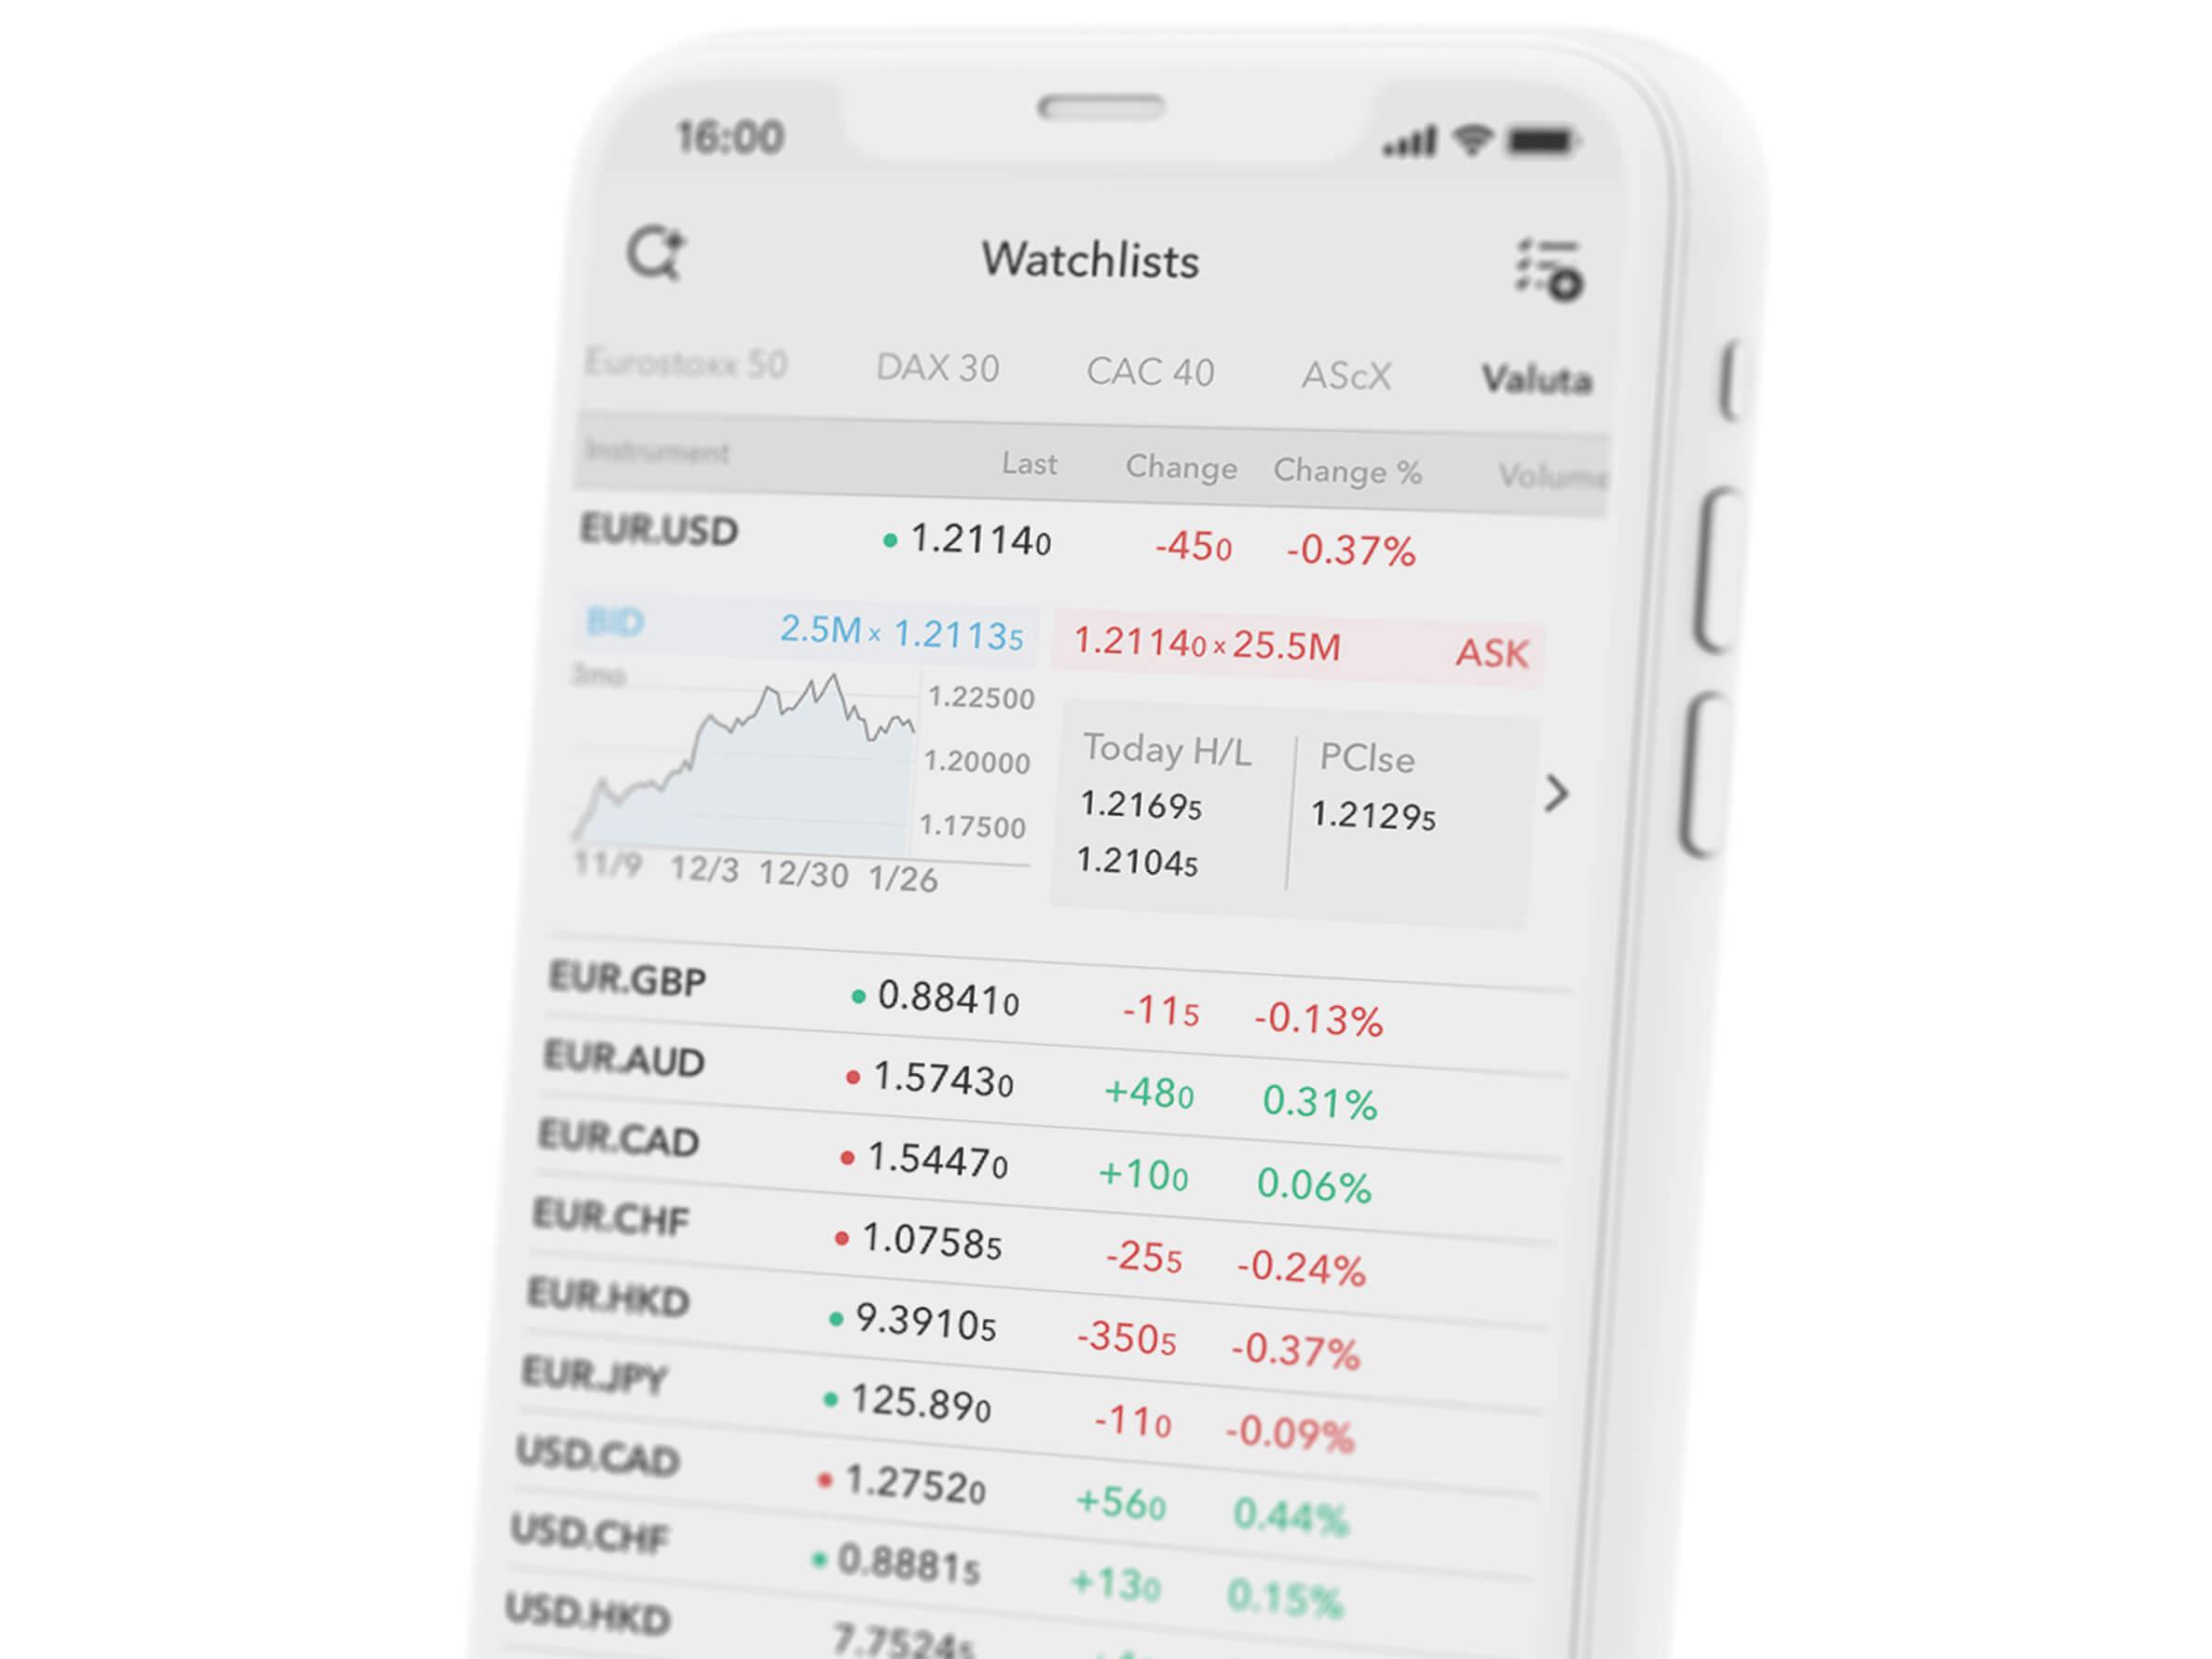 Mobilní zařízení s otevřenou obchodní aplikací s měnovými páry